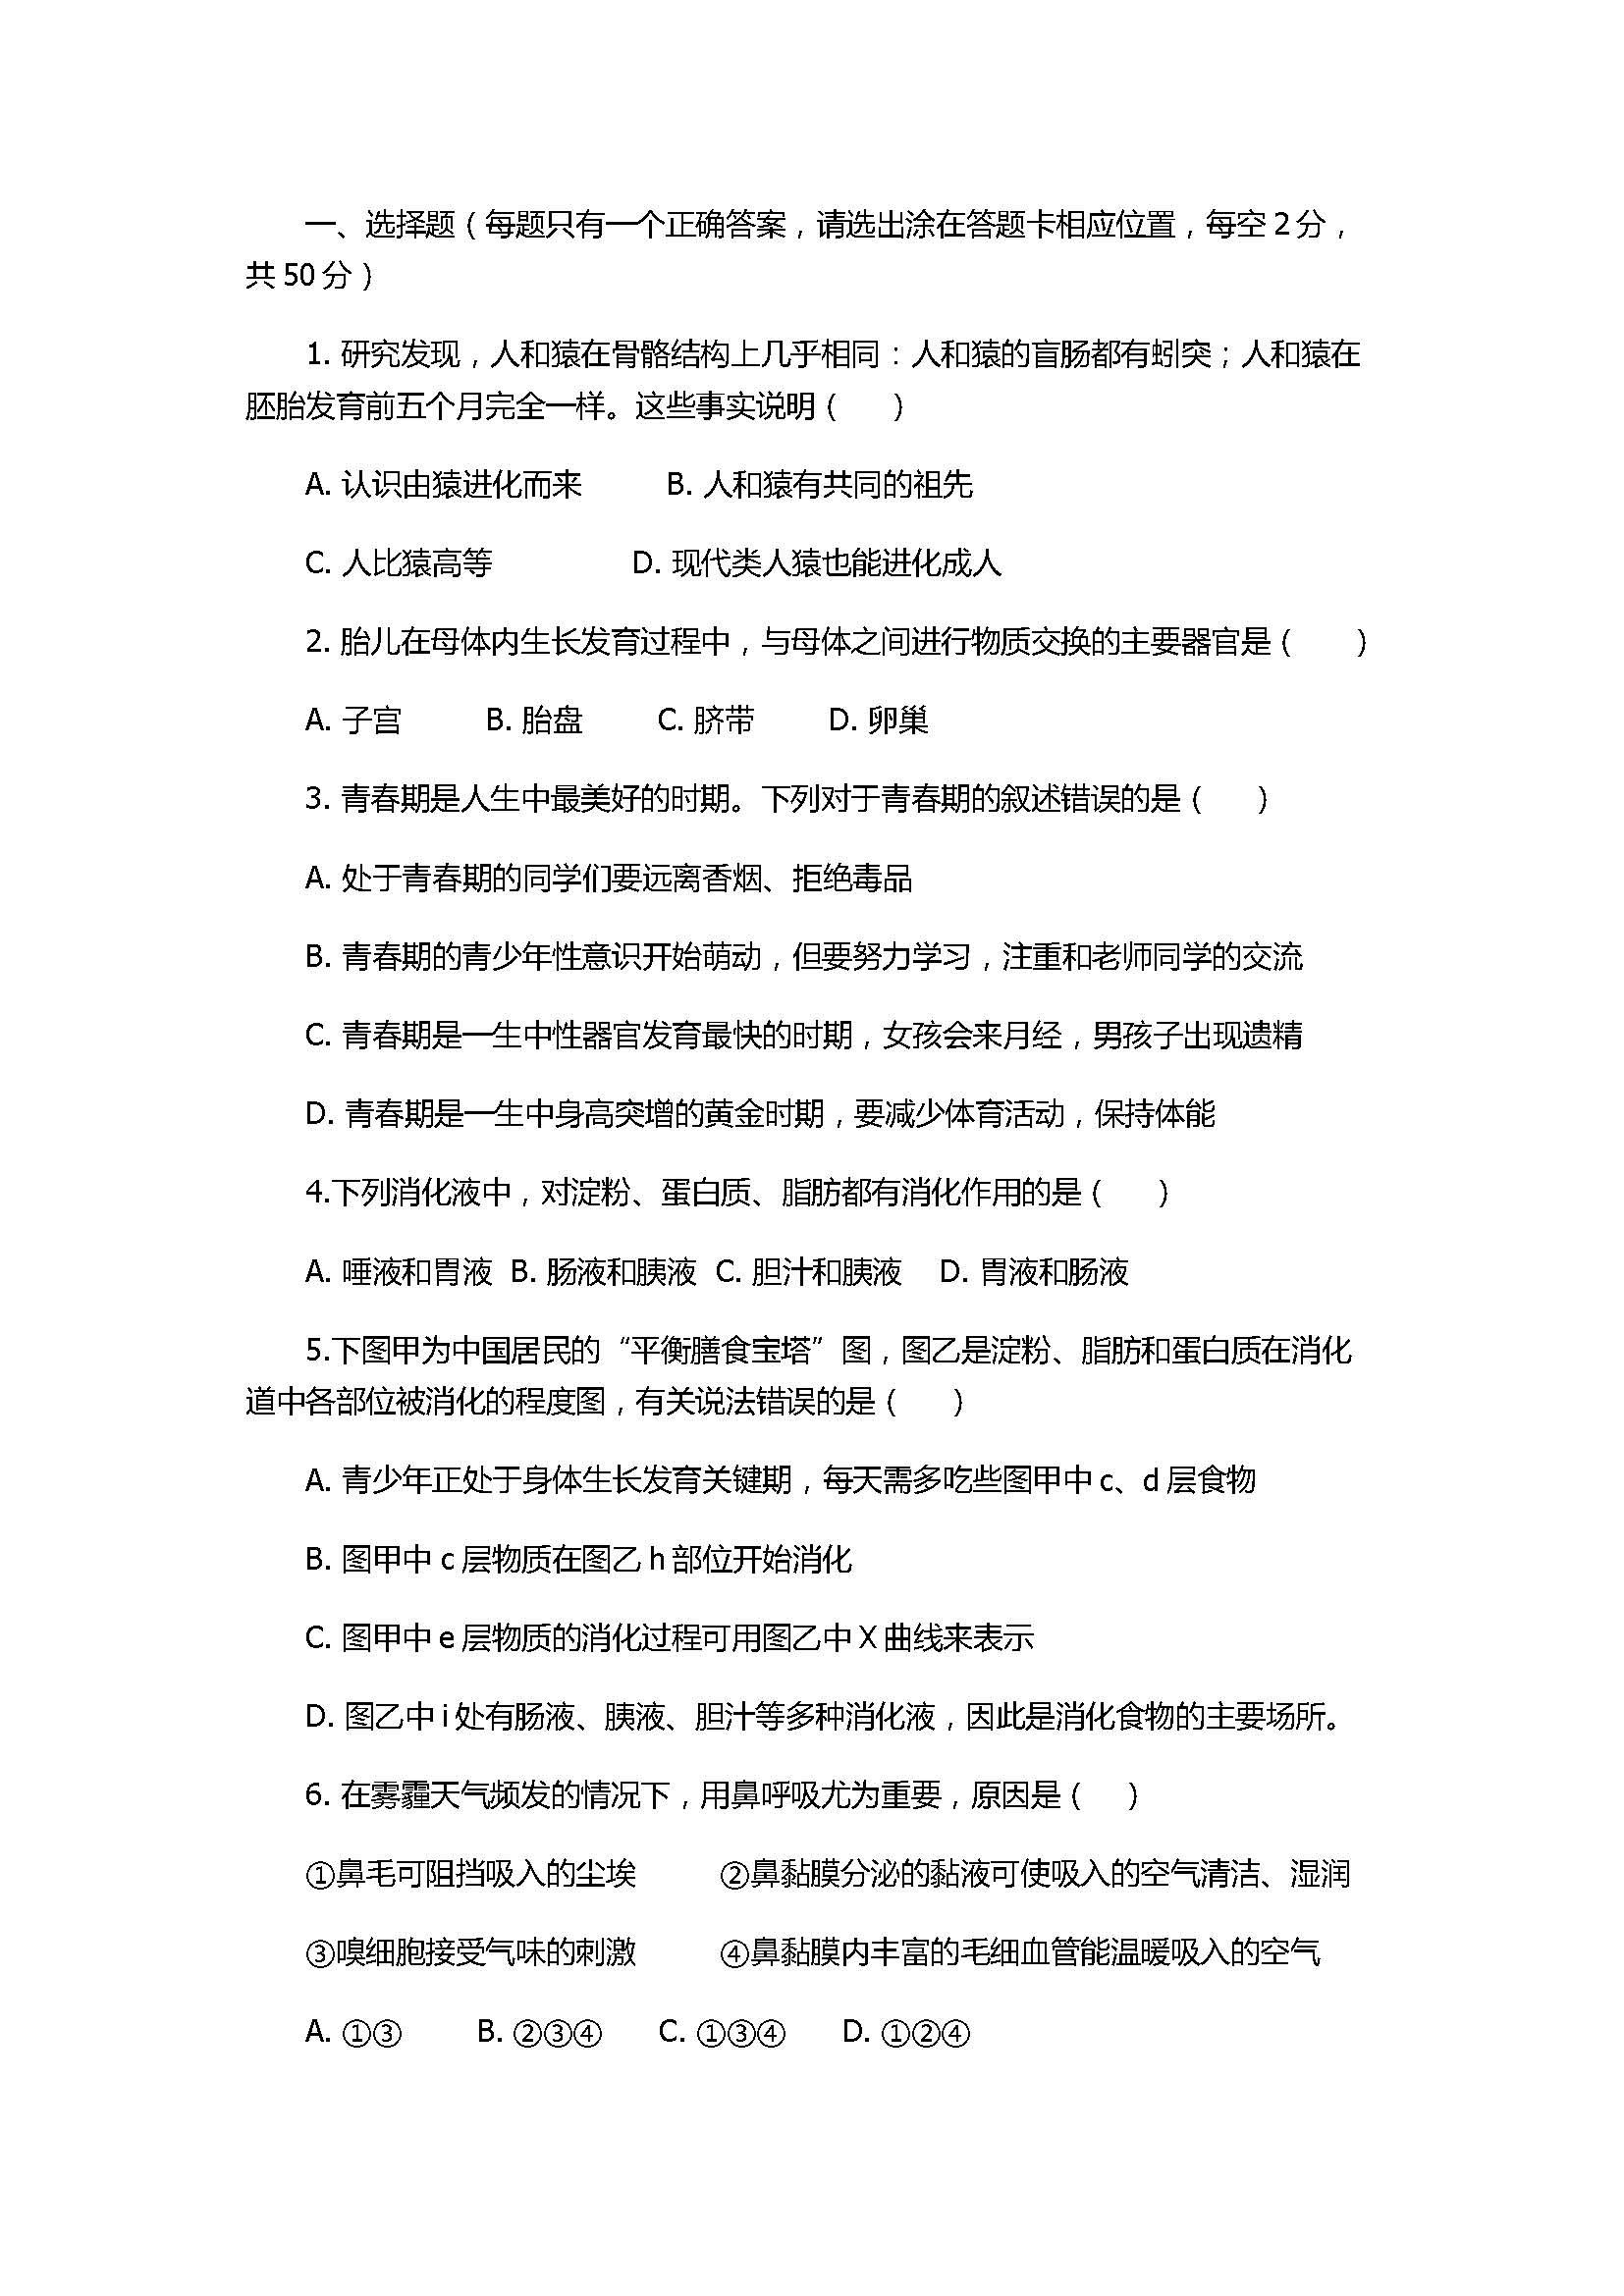 2017七年级生物期末试题含参考答案(临沂市)